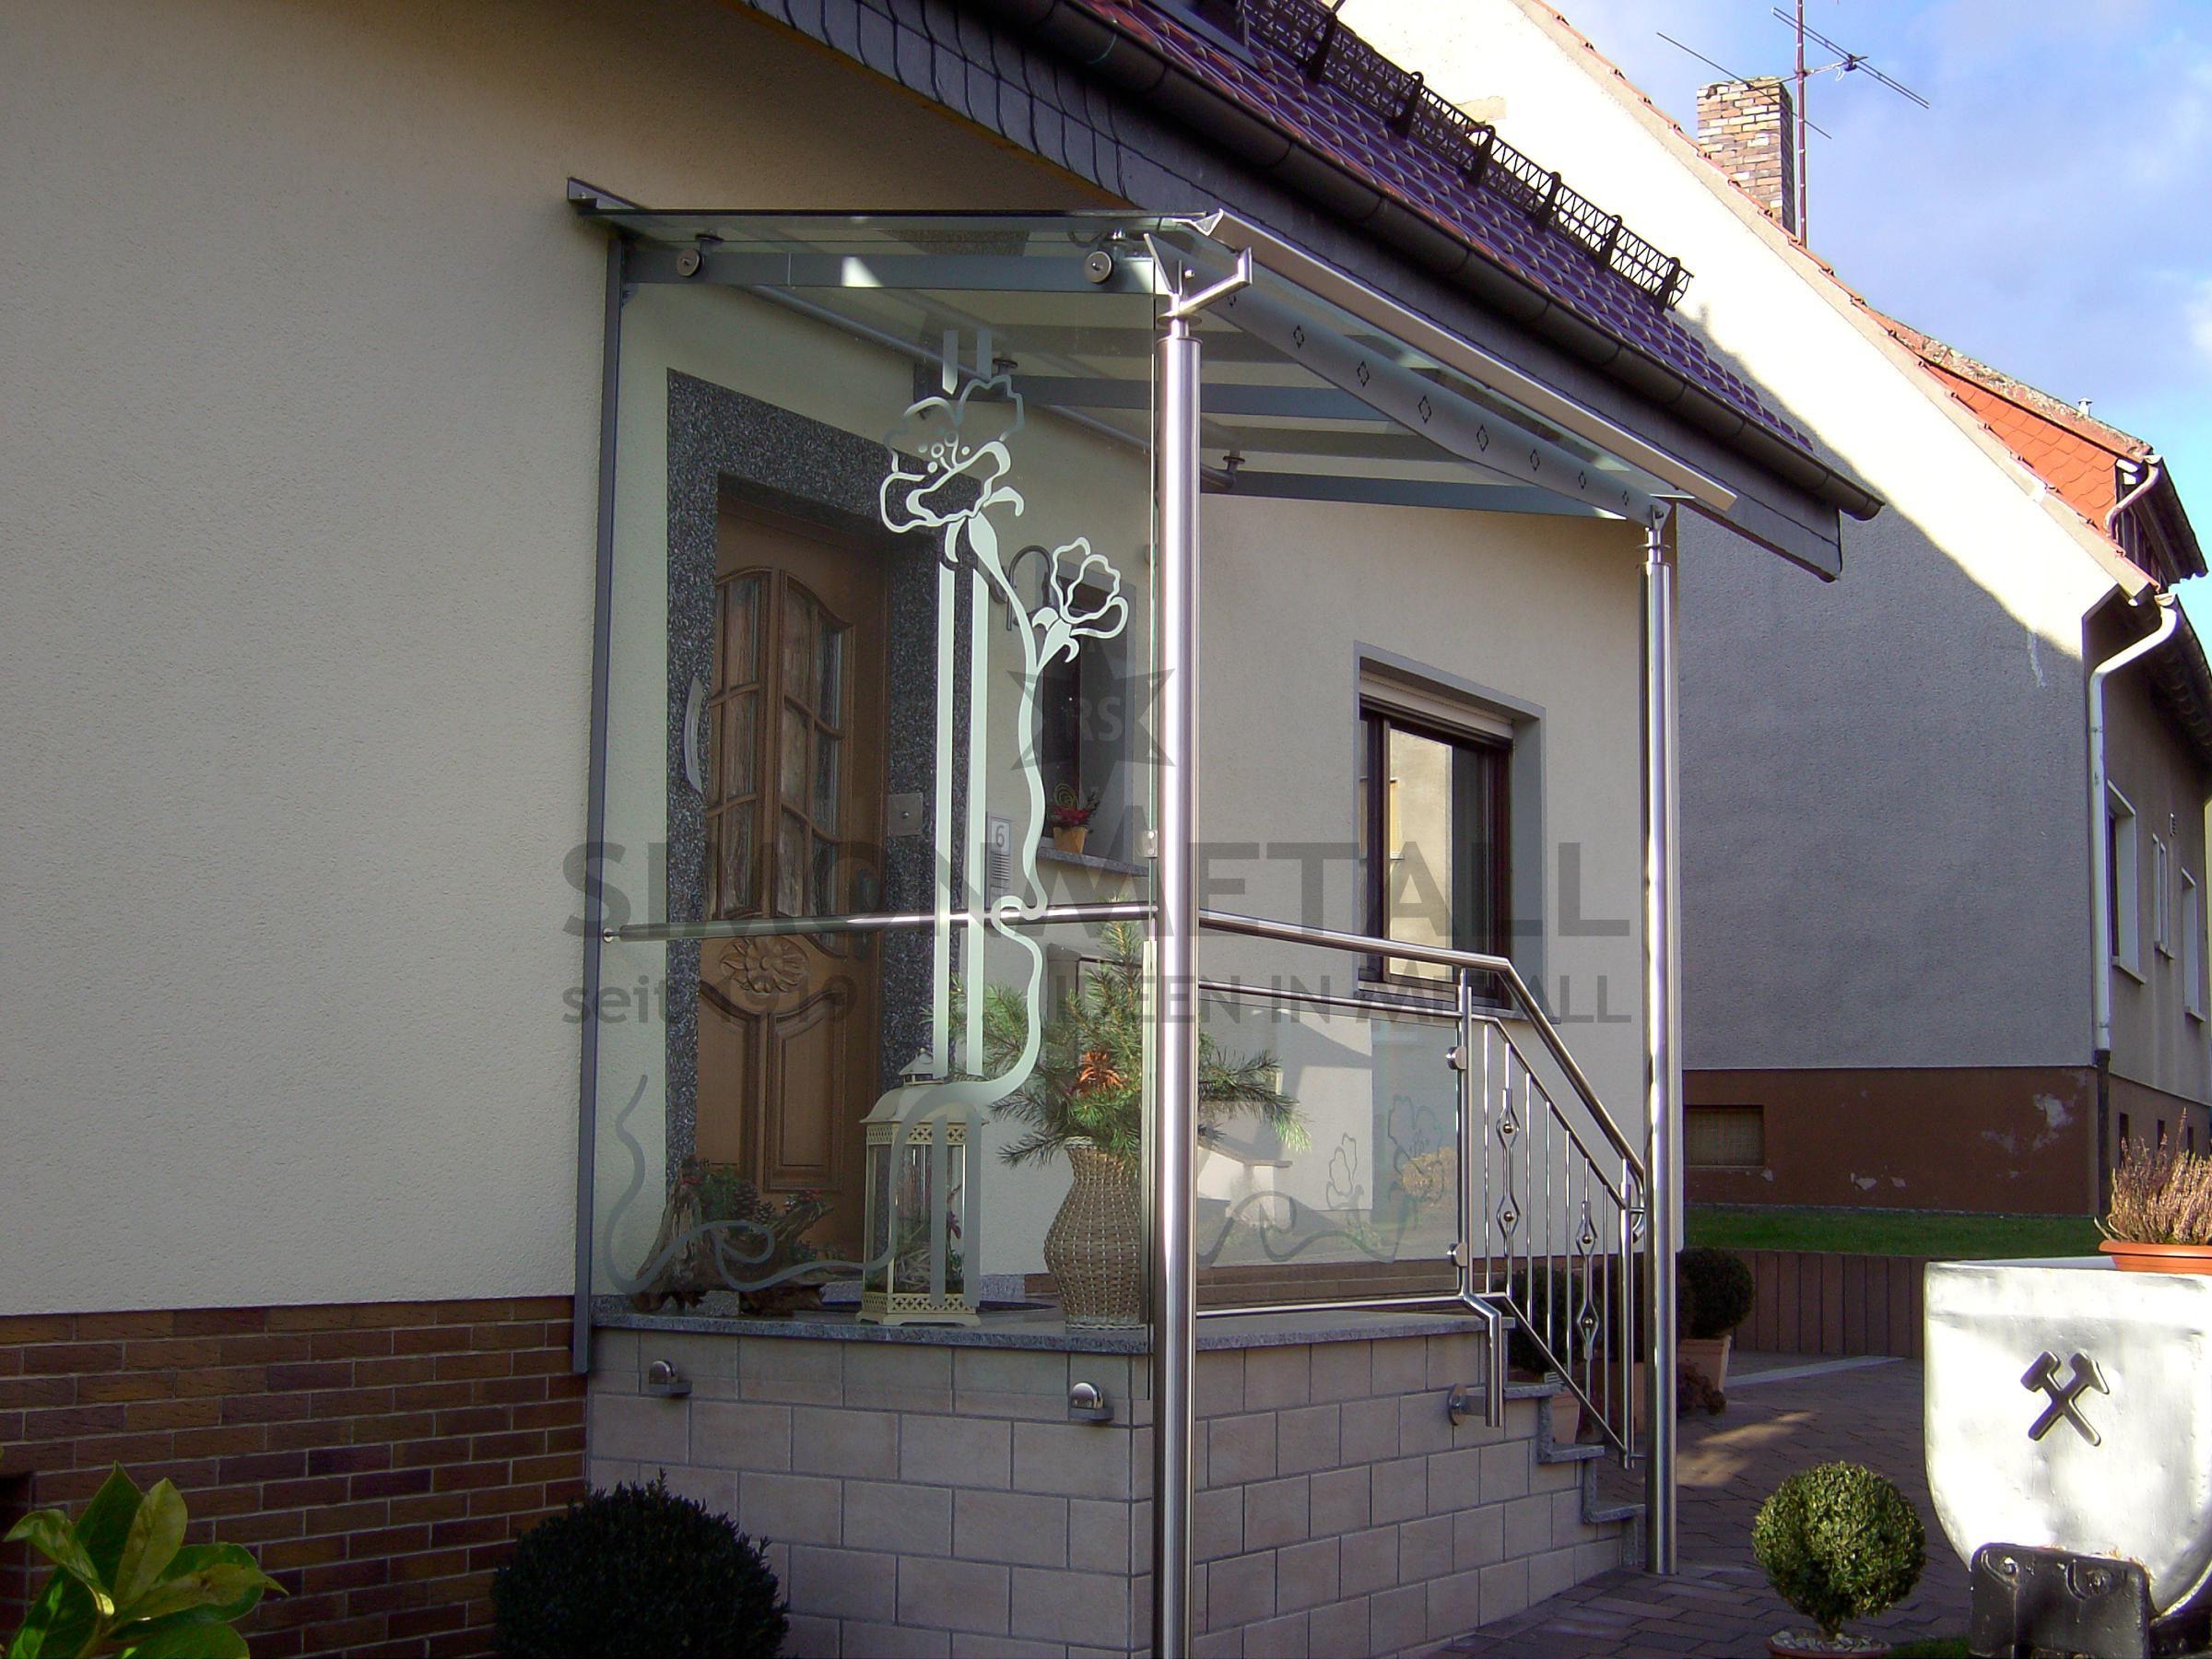 Attraktiv Hausvordächer Referenz Von Glasdach Modell Leipzig Ist Ein Günstiges Edelstahl-vordach